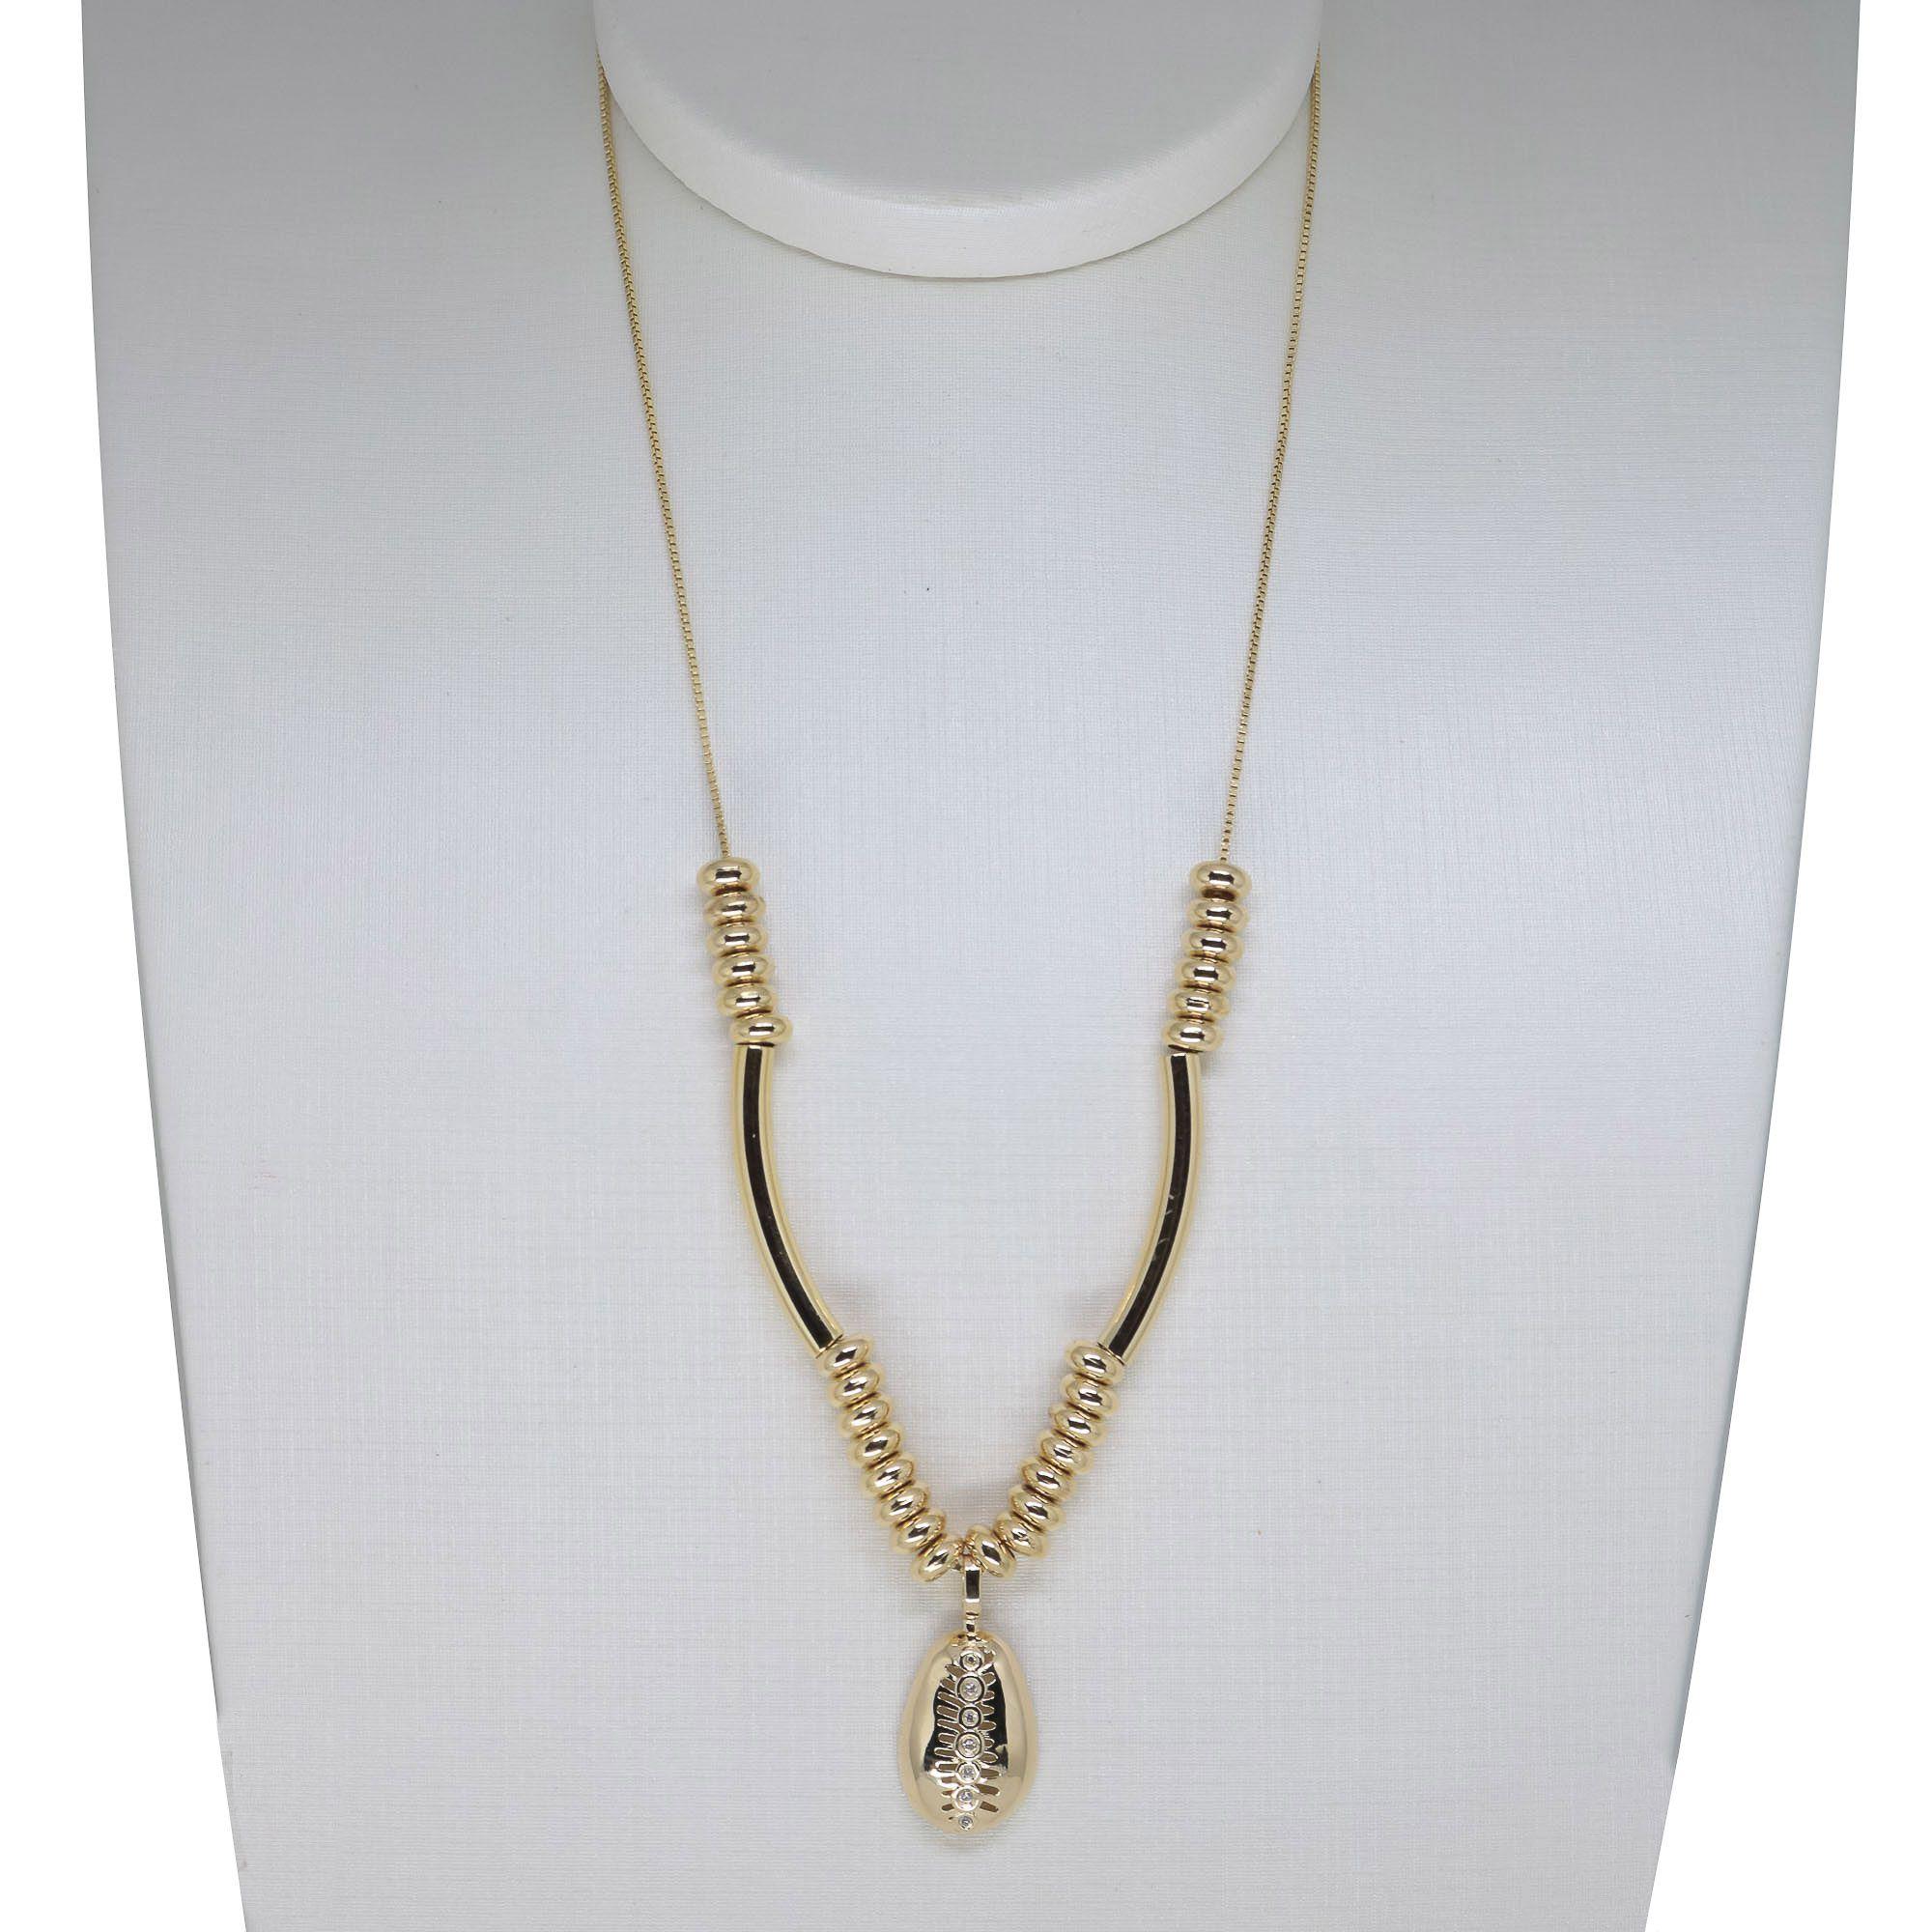 Colar Semi joia Búzio com zircônia banhado a ouro 18k ou rhodium